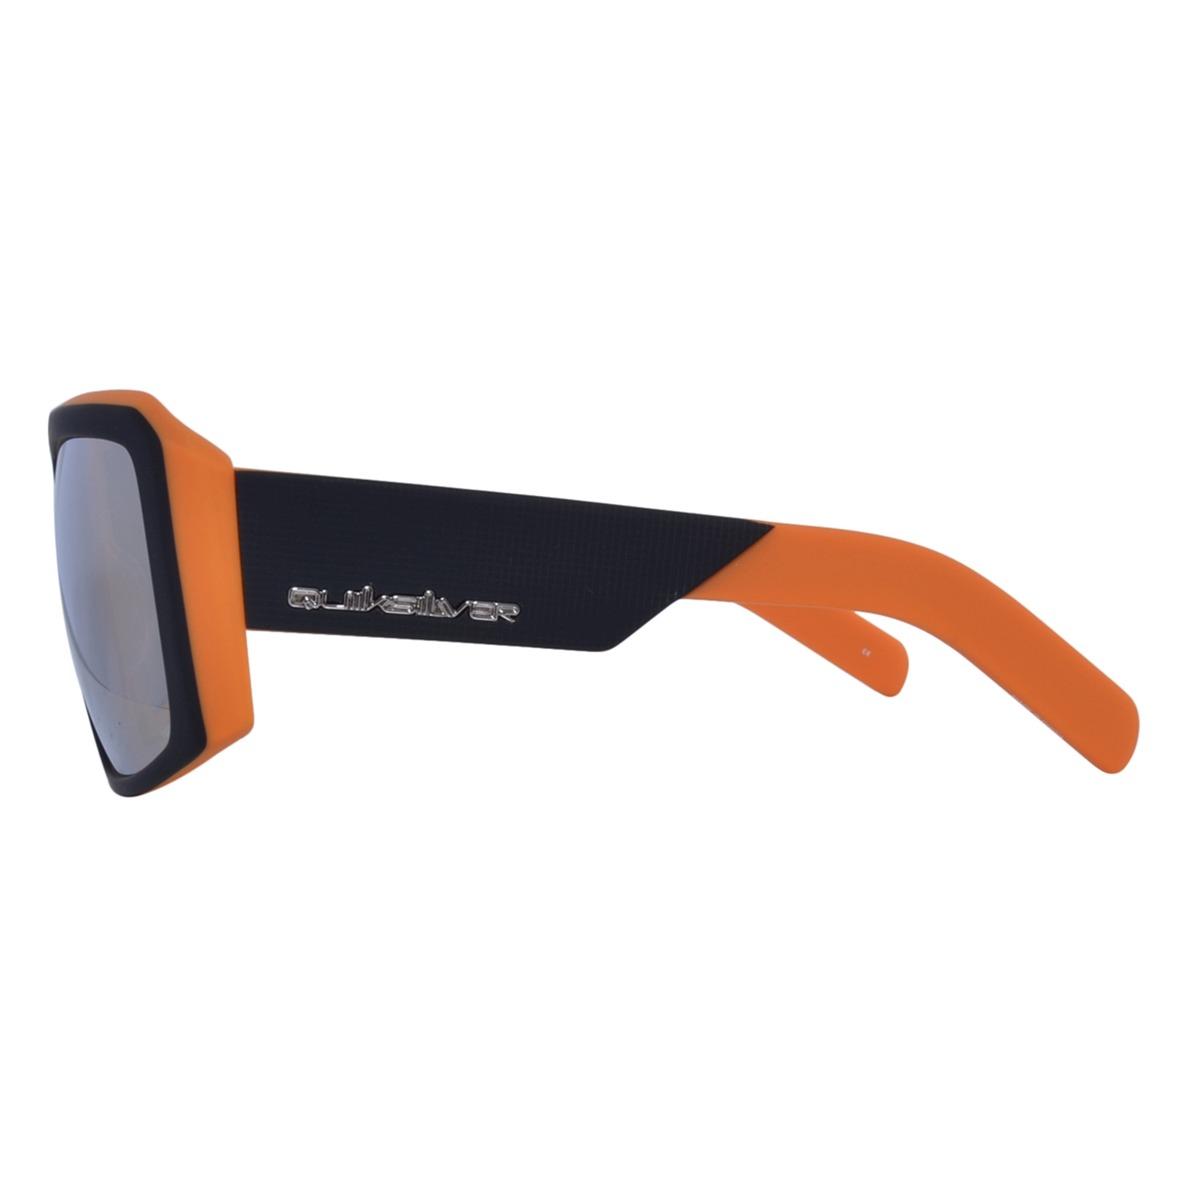 b70d38b87642d Óculos Quiksilver The Empire Preto Laranja - R  149,90 em Mercado Livre